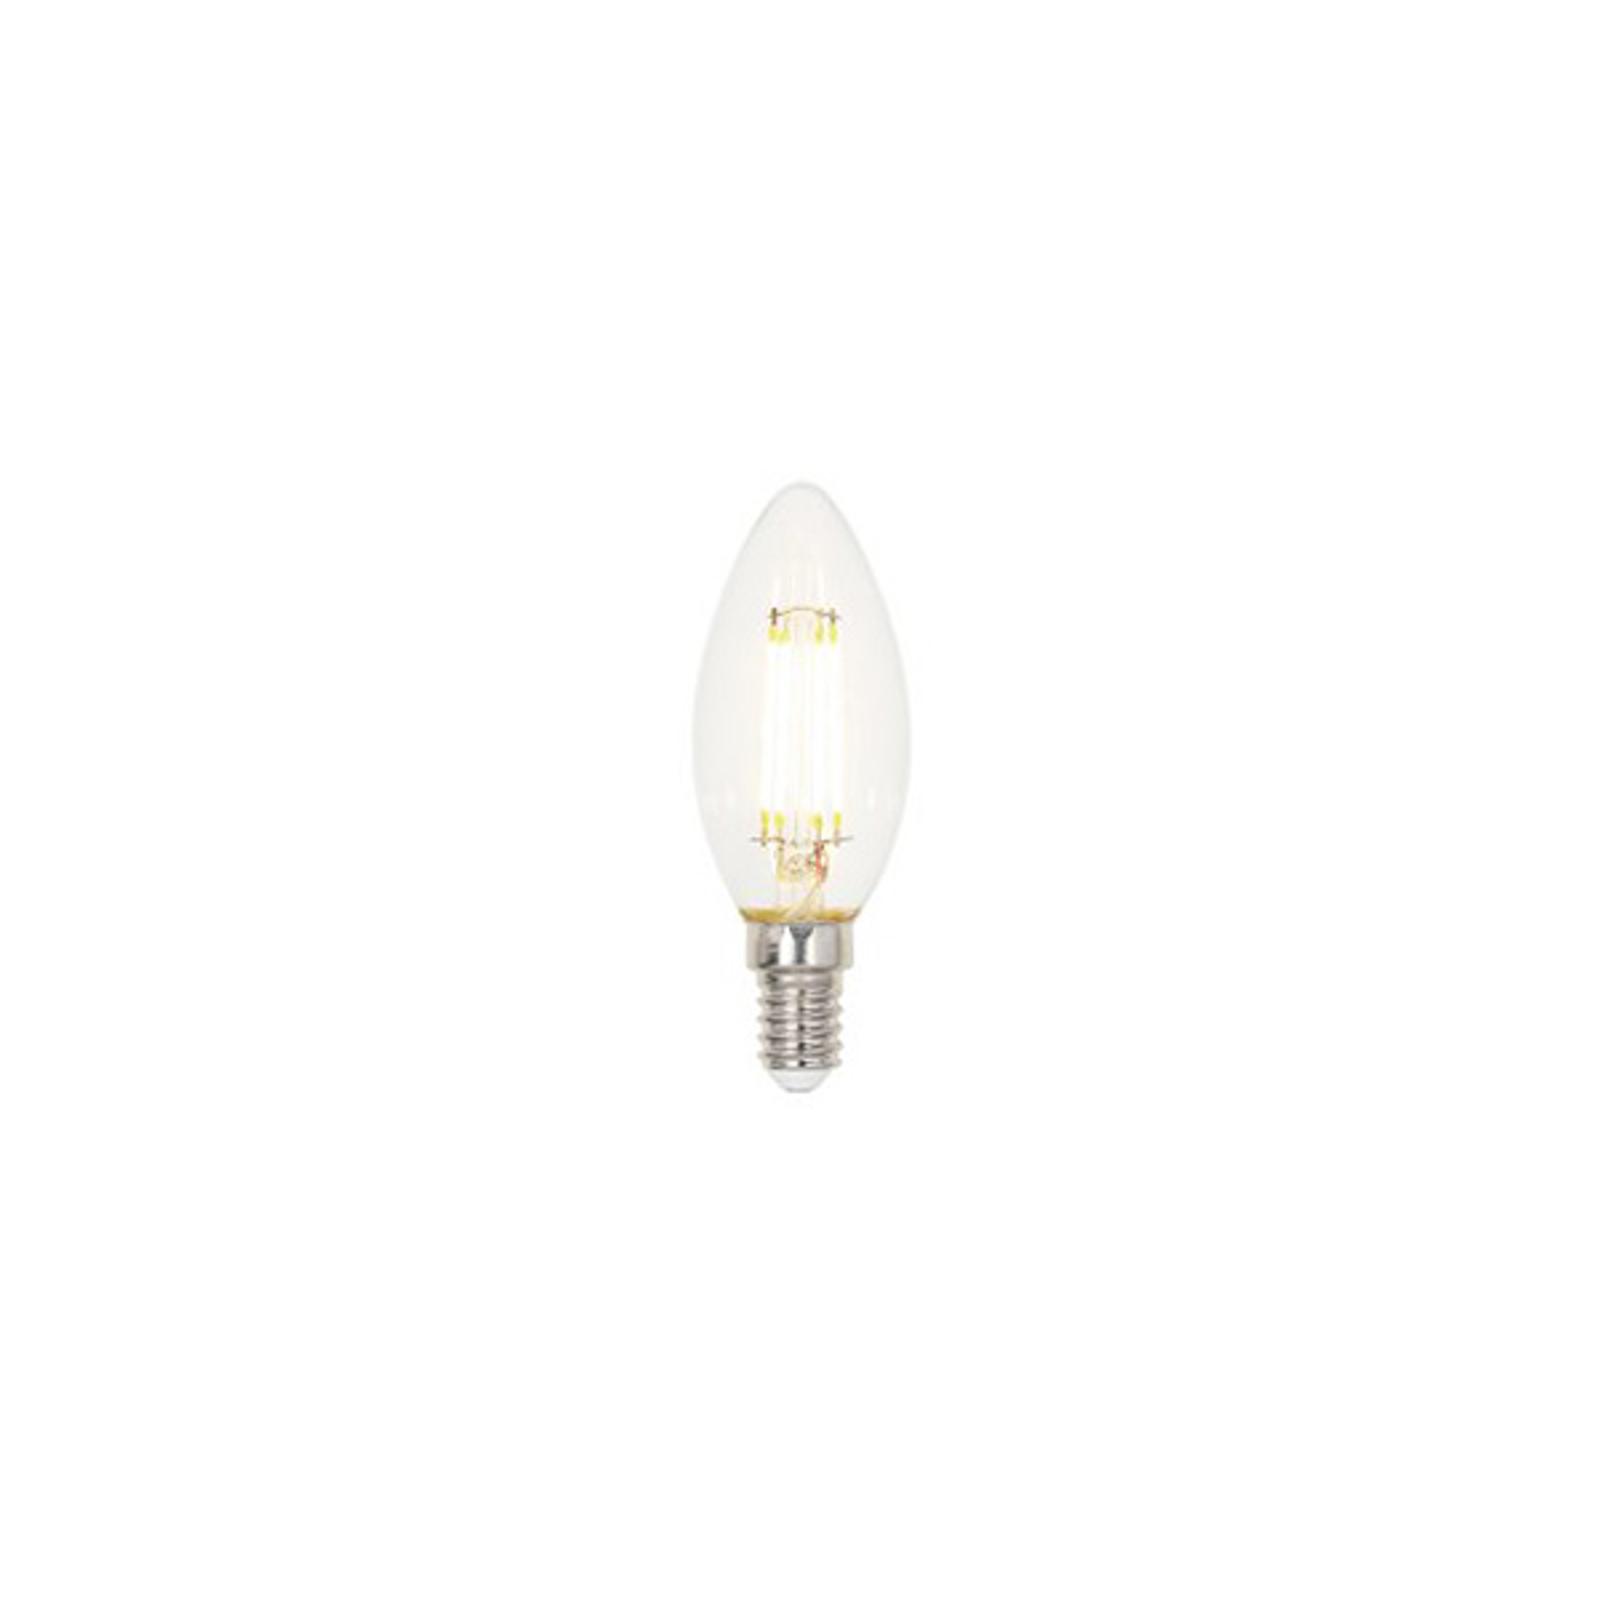 Westinghouse LED-lampe 4,5 W, 2.700 K, dæmpbar